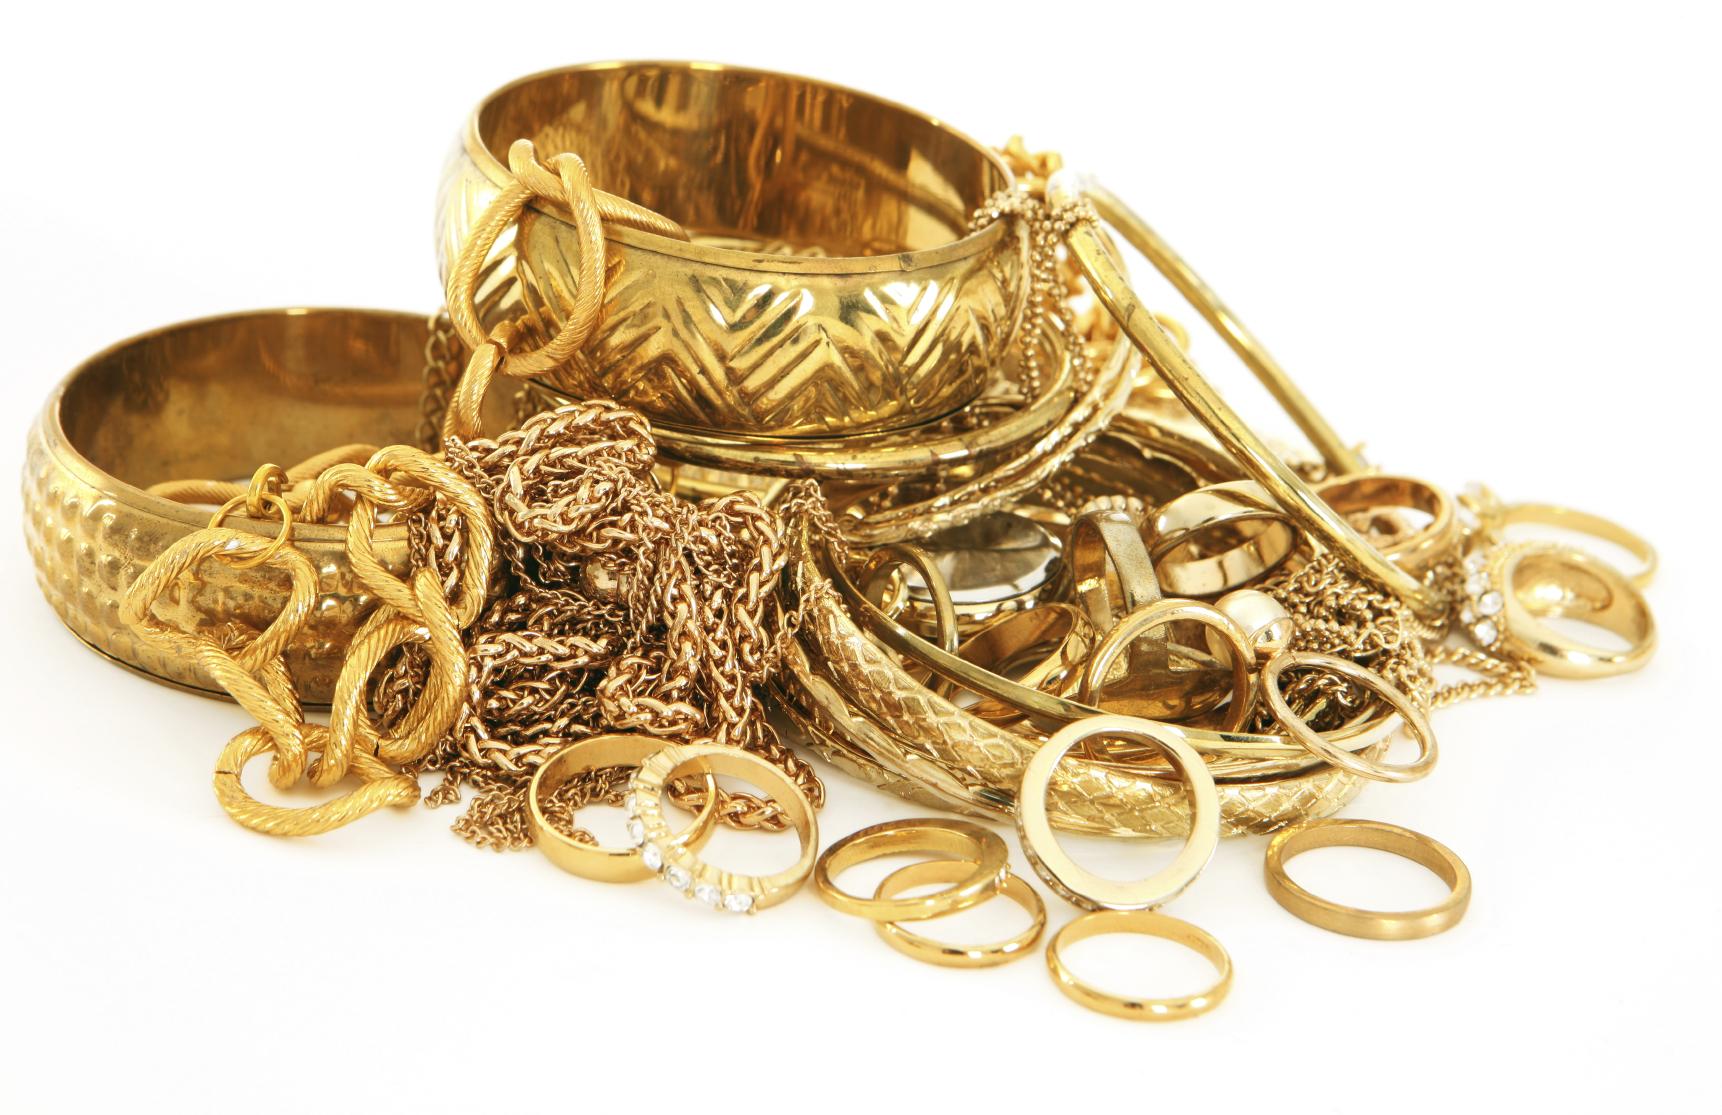 زنان ایرانی چند گرم طلا نگهداری می کنند؟